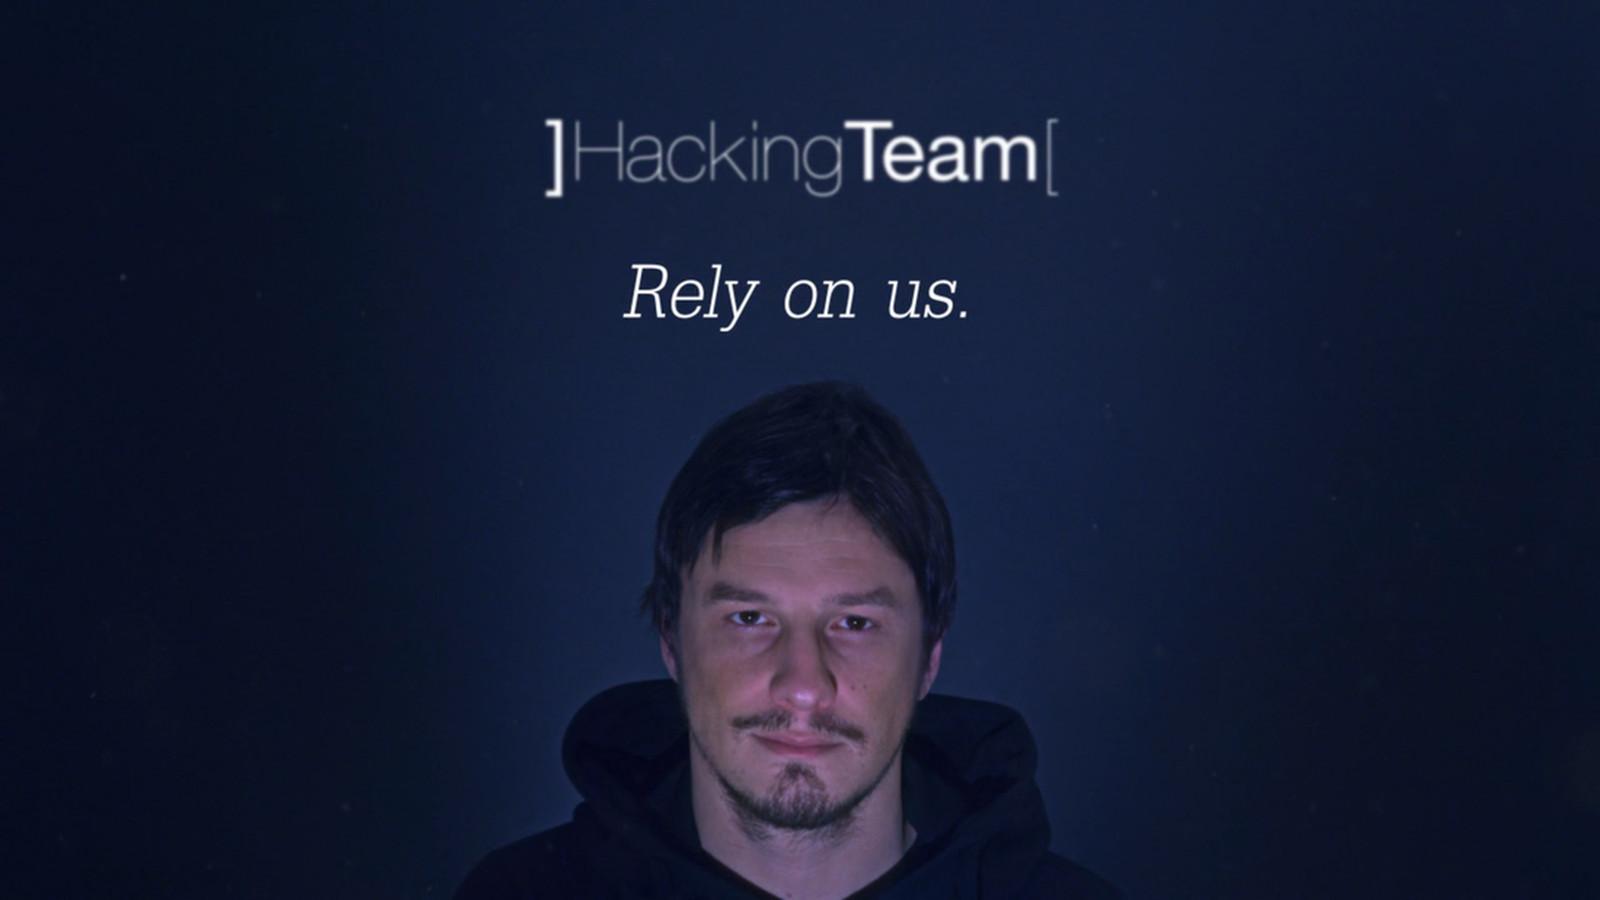 https://cdn0.vox-cdn.com/thumbor/m6W6B-va-xniSGCmQaLLkLWZqY0=/0x0:1100x619/1600x900/cdn0.vox-cdn.com/assets/3211721/hacking_team.png